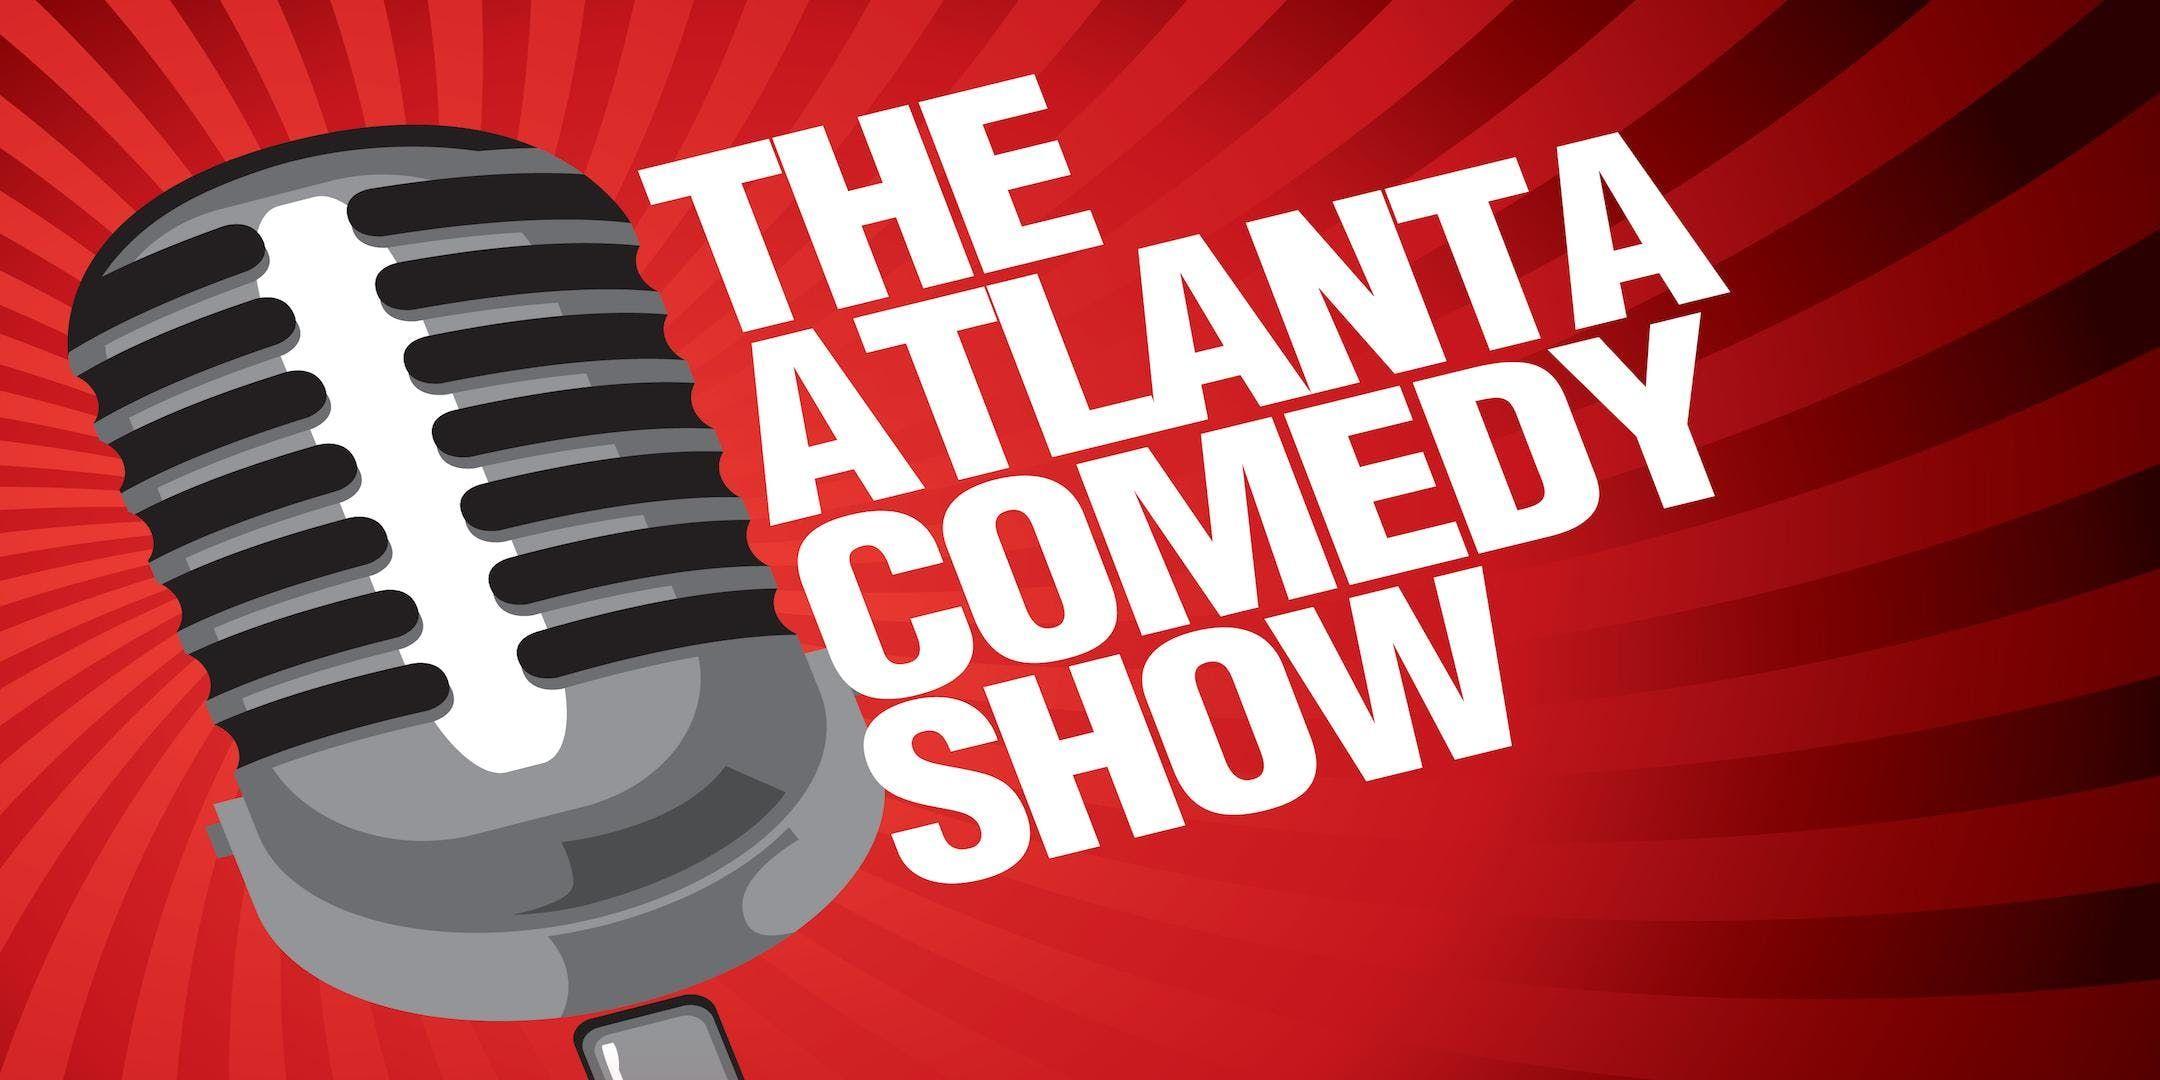 The Atlanta Comedy Show  January 26th